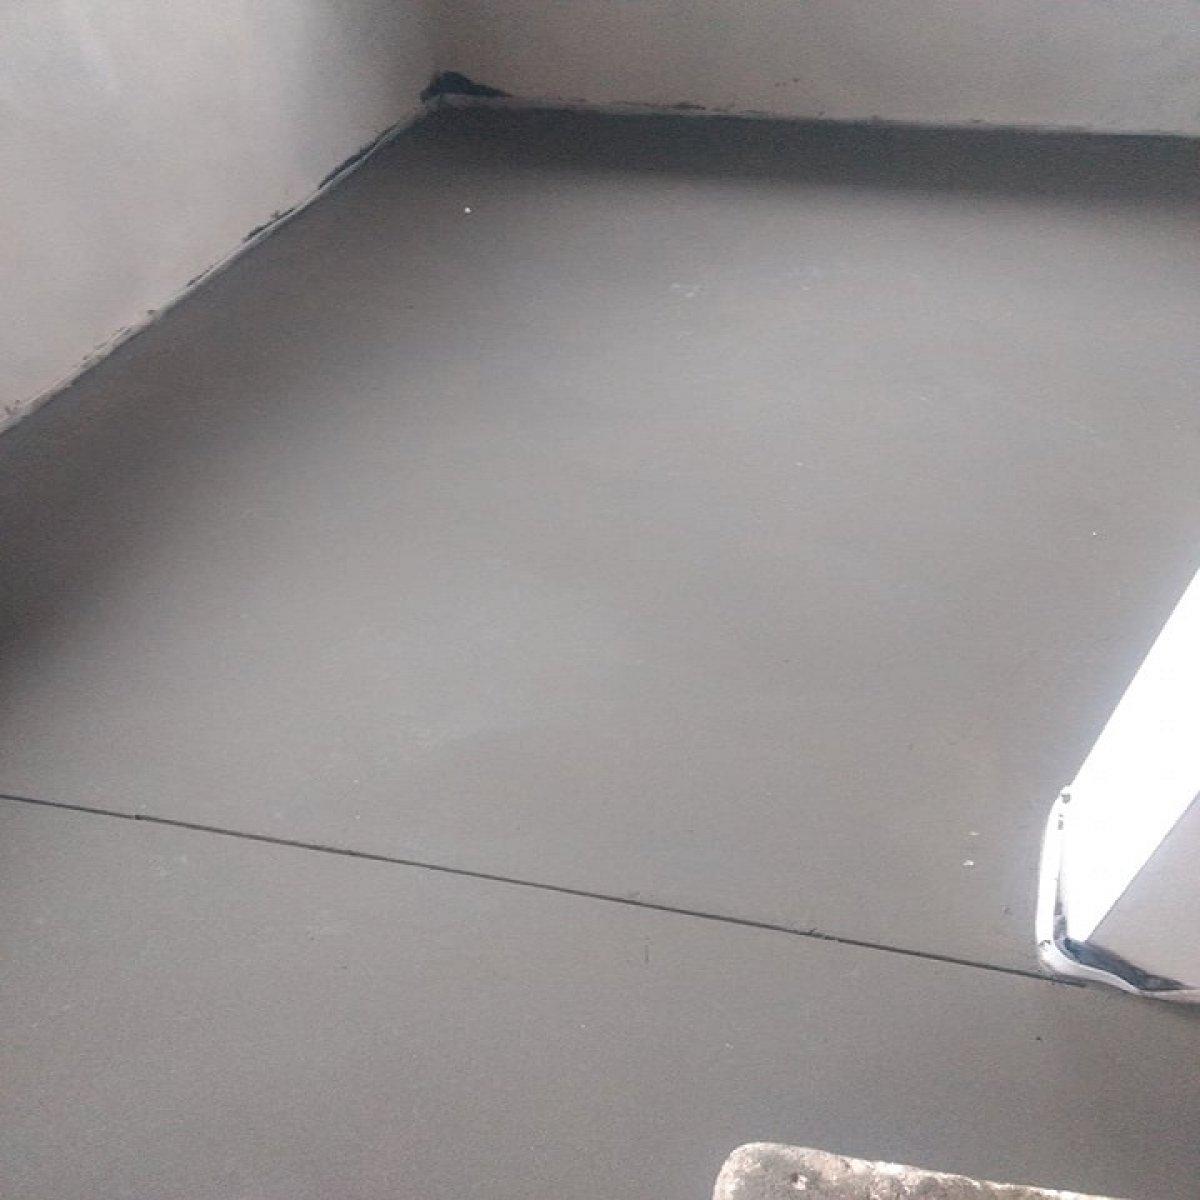 Posadzki maszynowe wylewki betonowe Piotrków Trybunalski Piotrków Trybunalski - 6